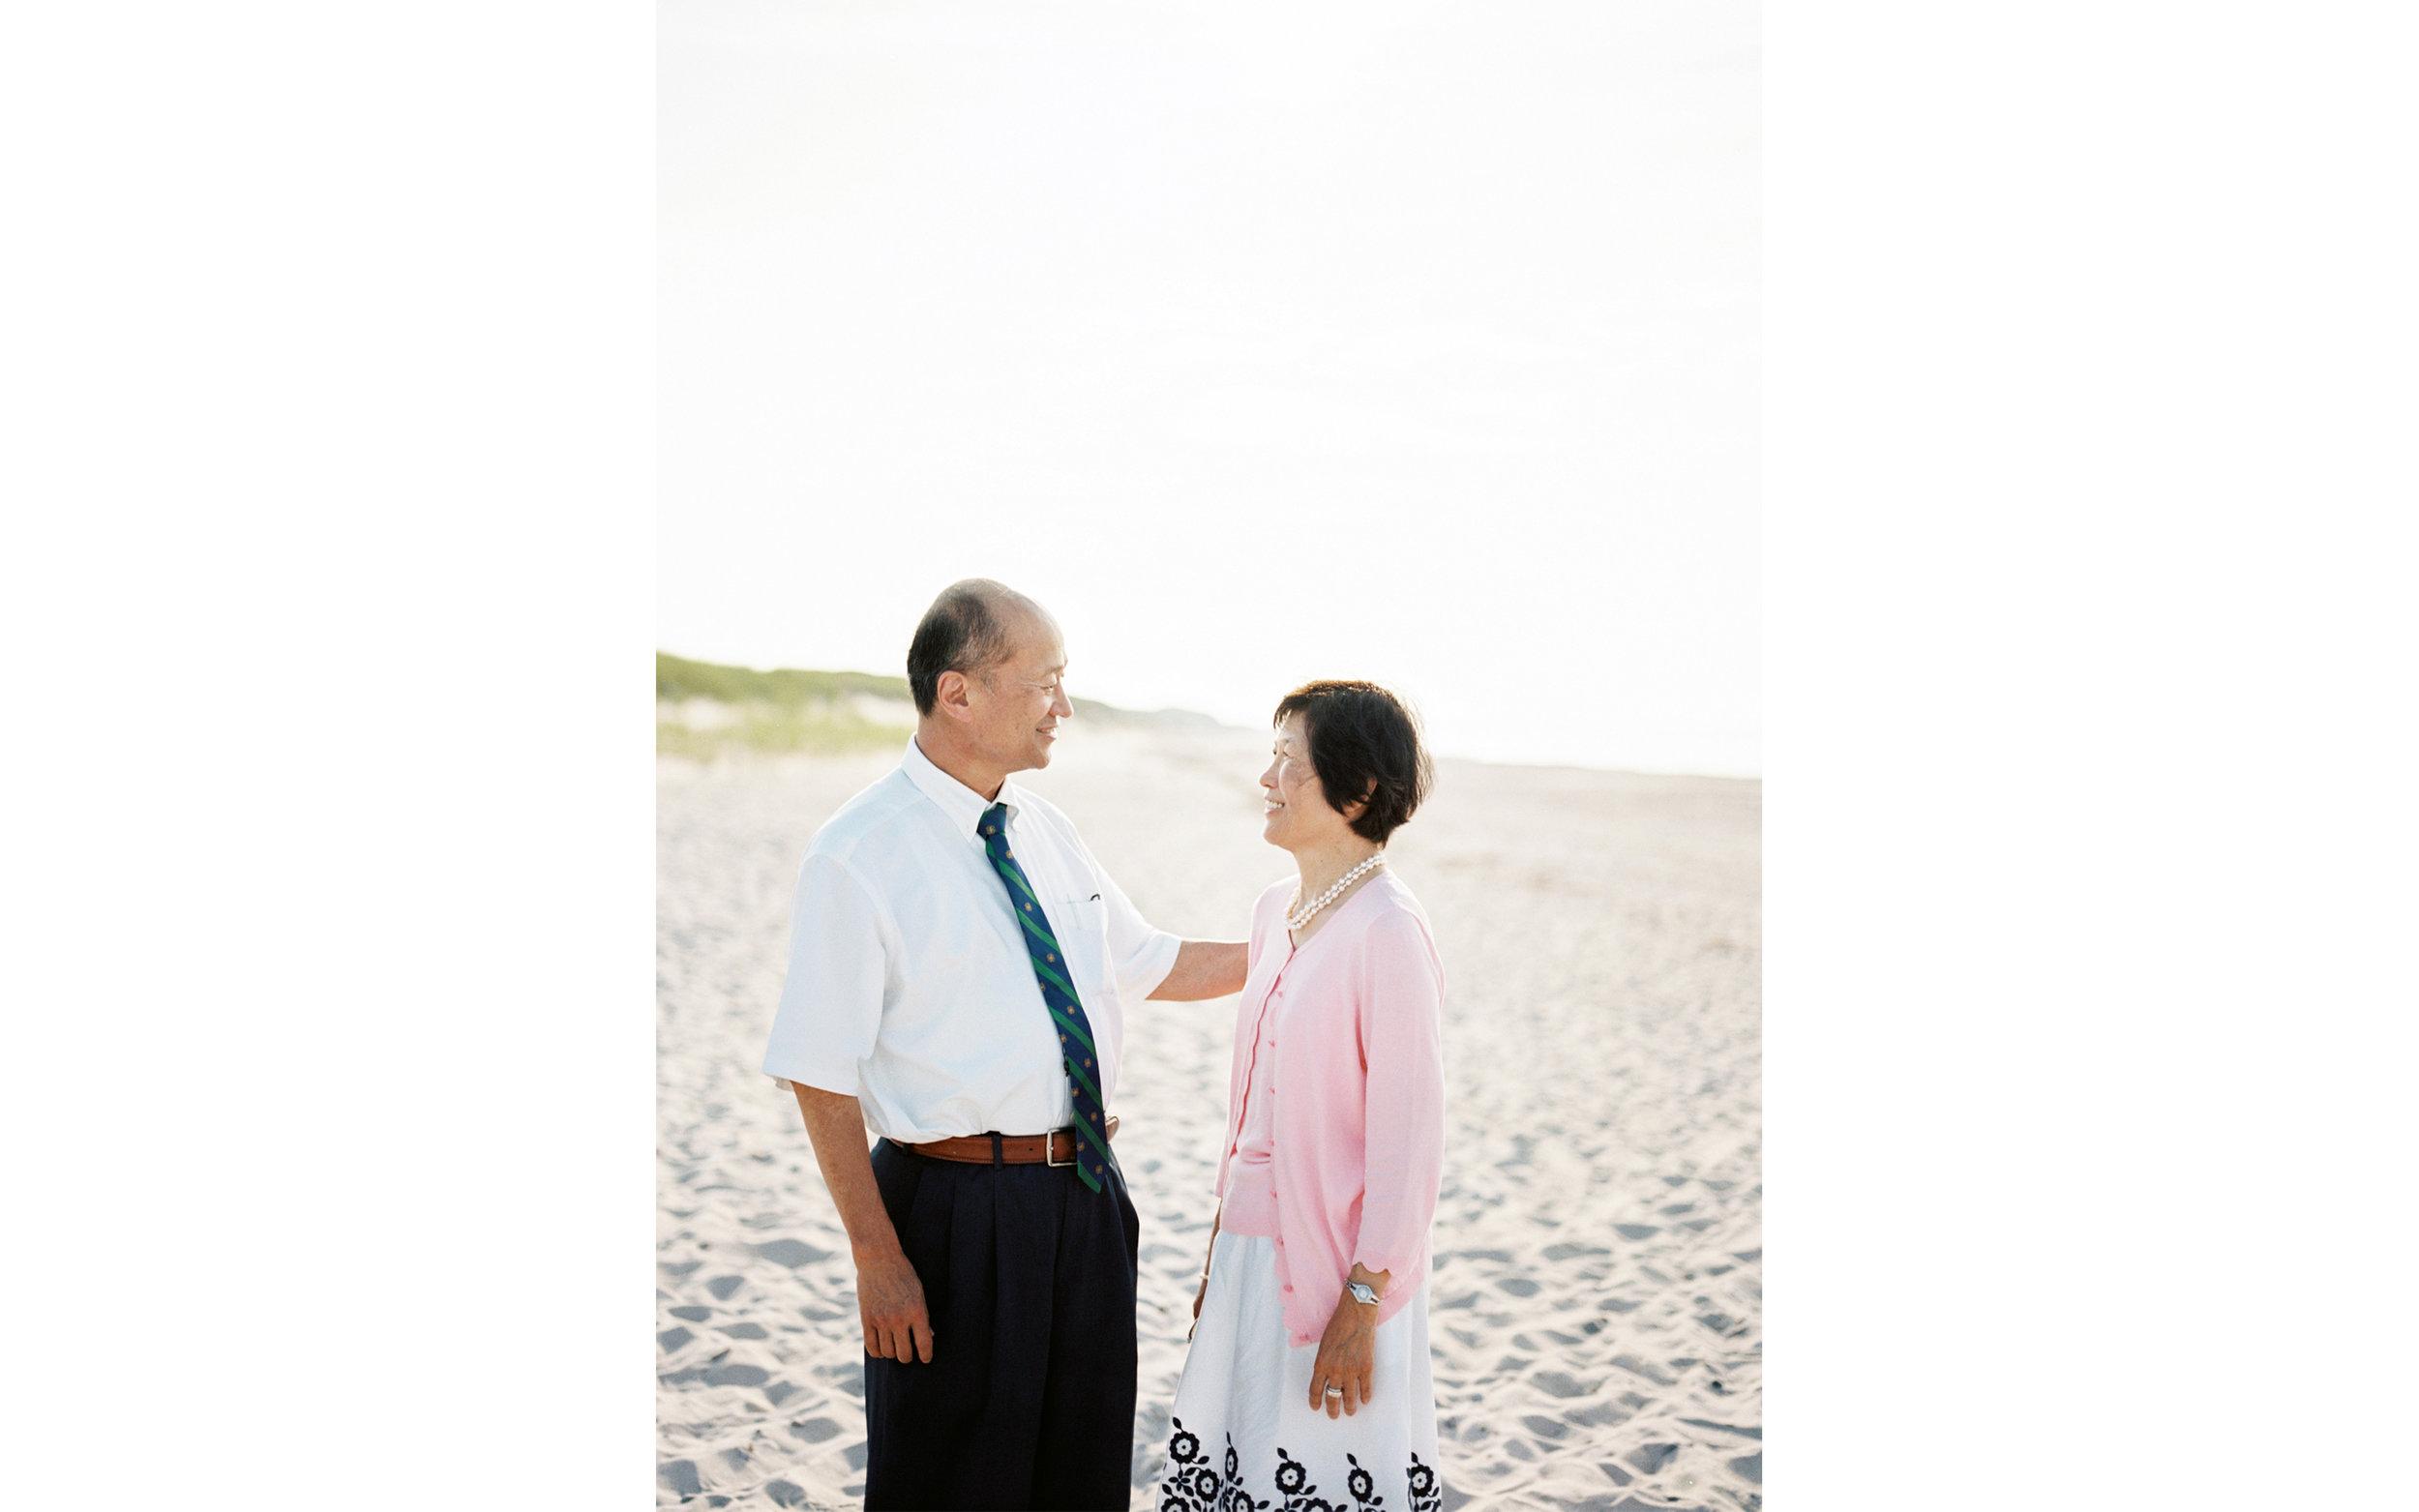 Cape Cod Fine Art Family Photographer_Meg Haley Photographs_003.jpg